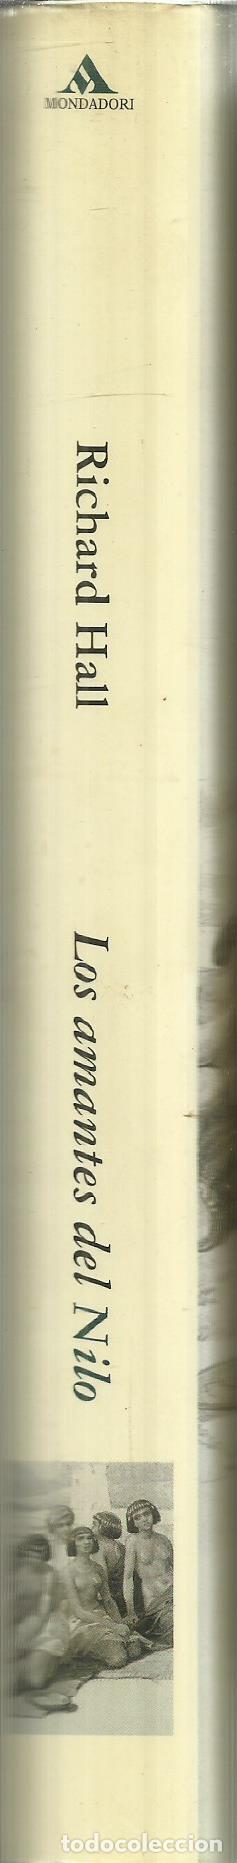 Libros de segunda mano: LOS AMANTES DEL NILO. RICHARD HALL. MONDADORI. BARCELONA. 2001 - Foto 2 - 70138765